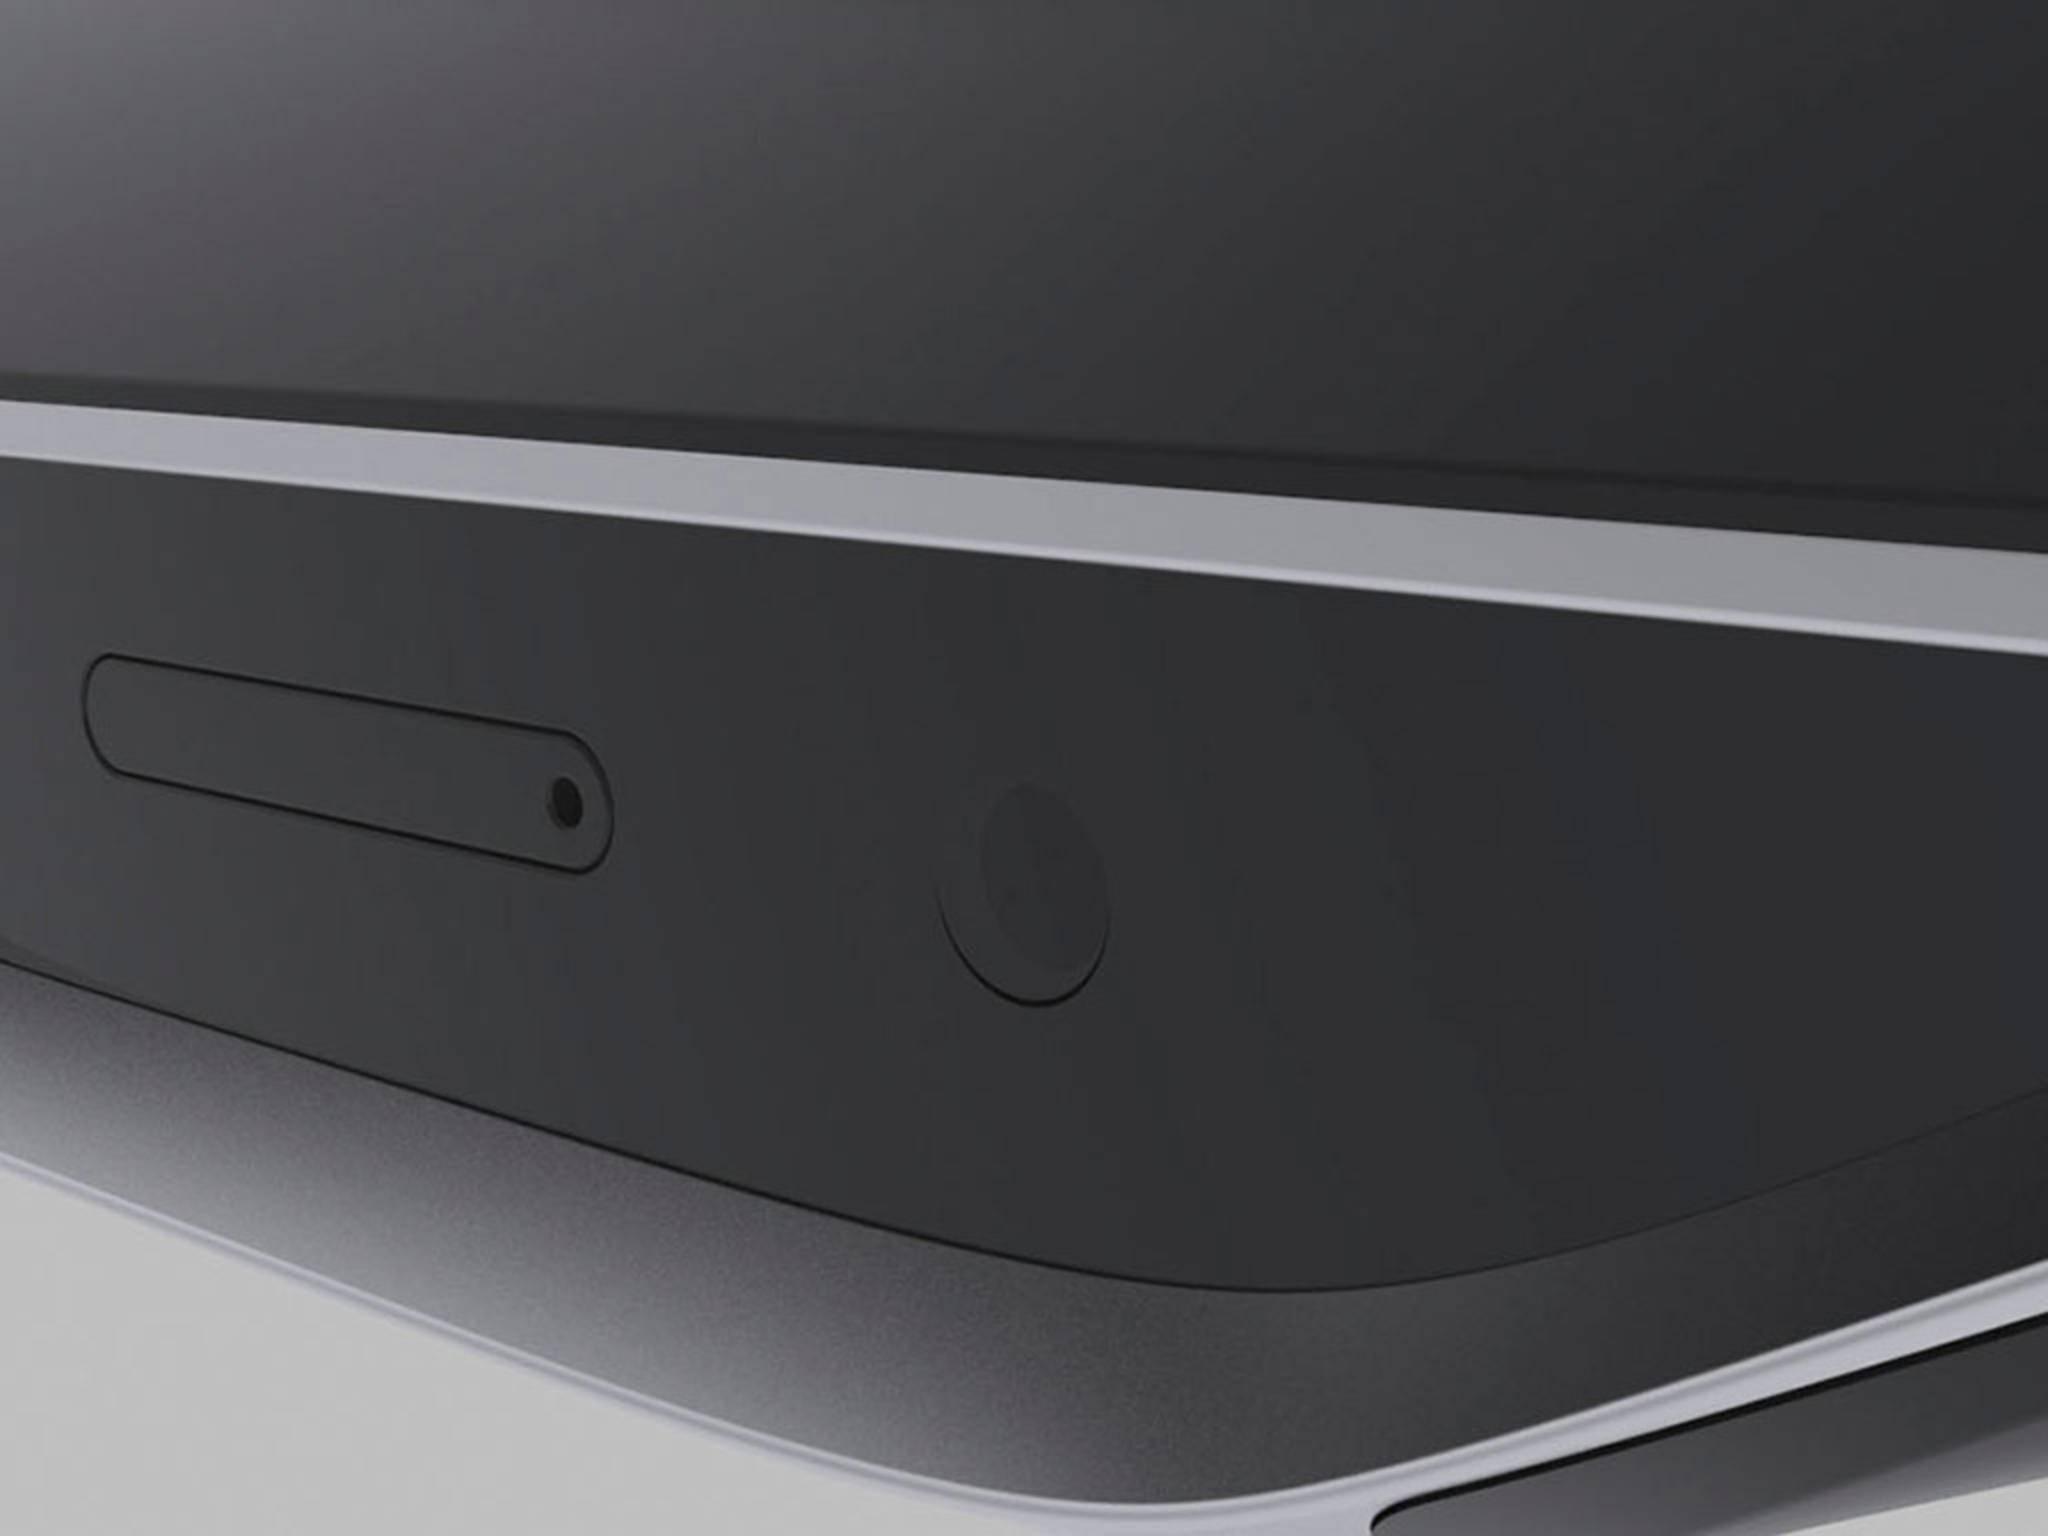 Die integrierte Dashcam erlaubt die Videoaufzeichnung während der Fahrt.